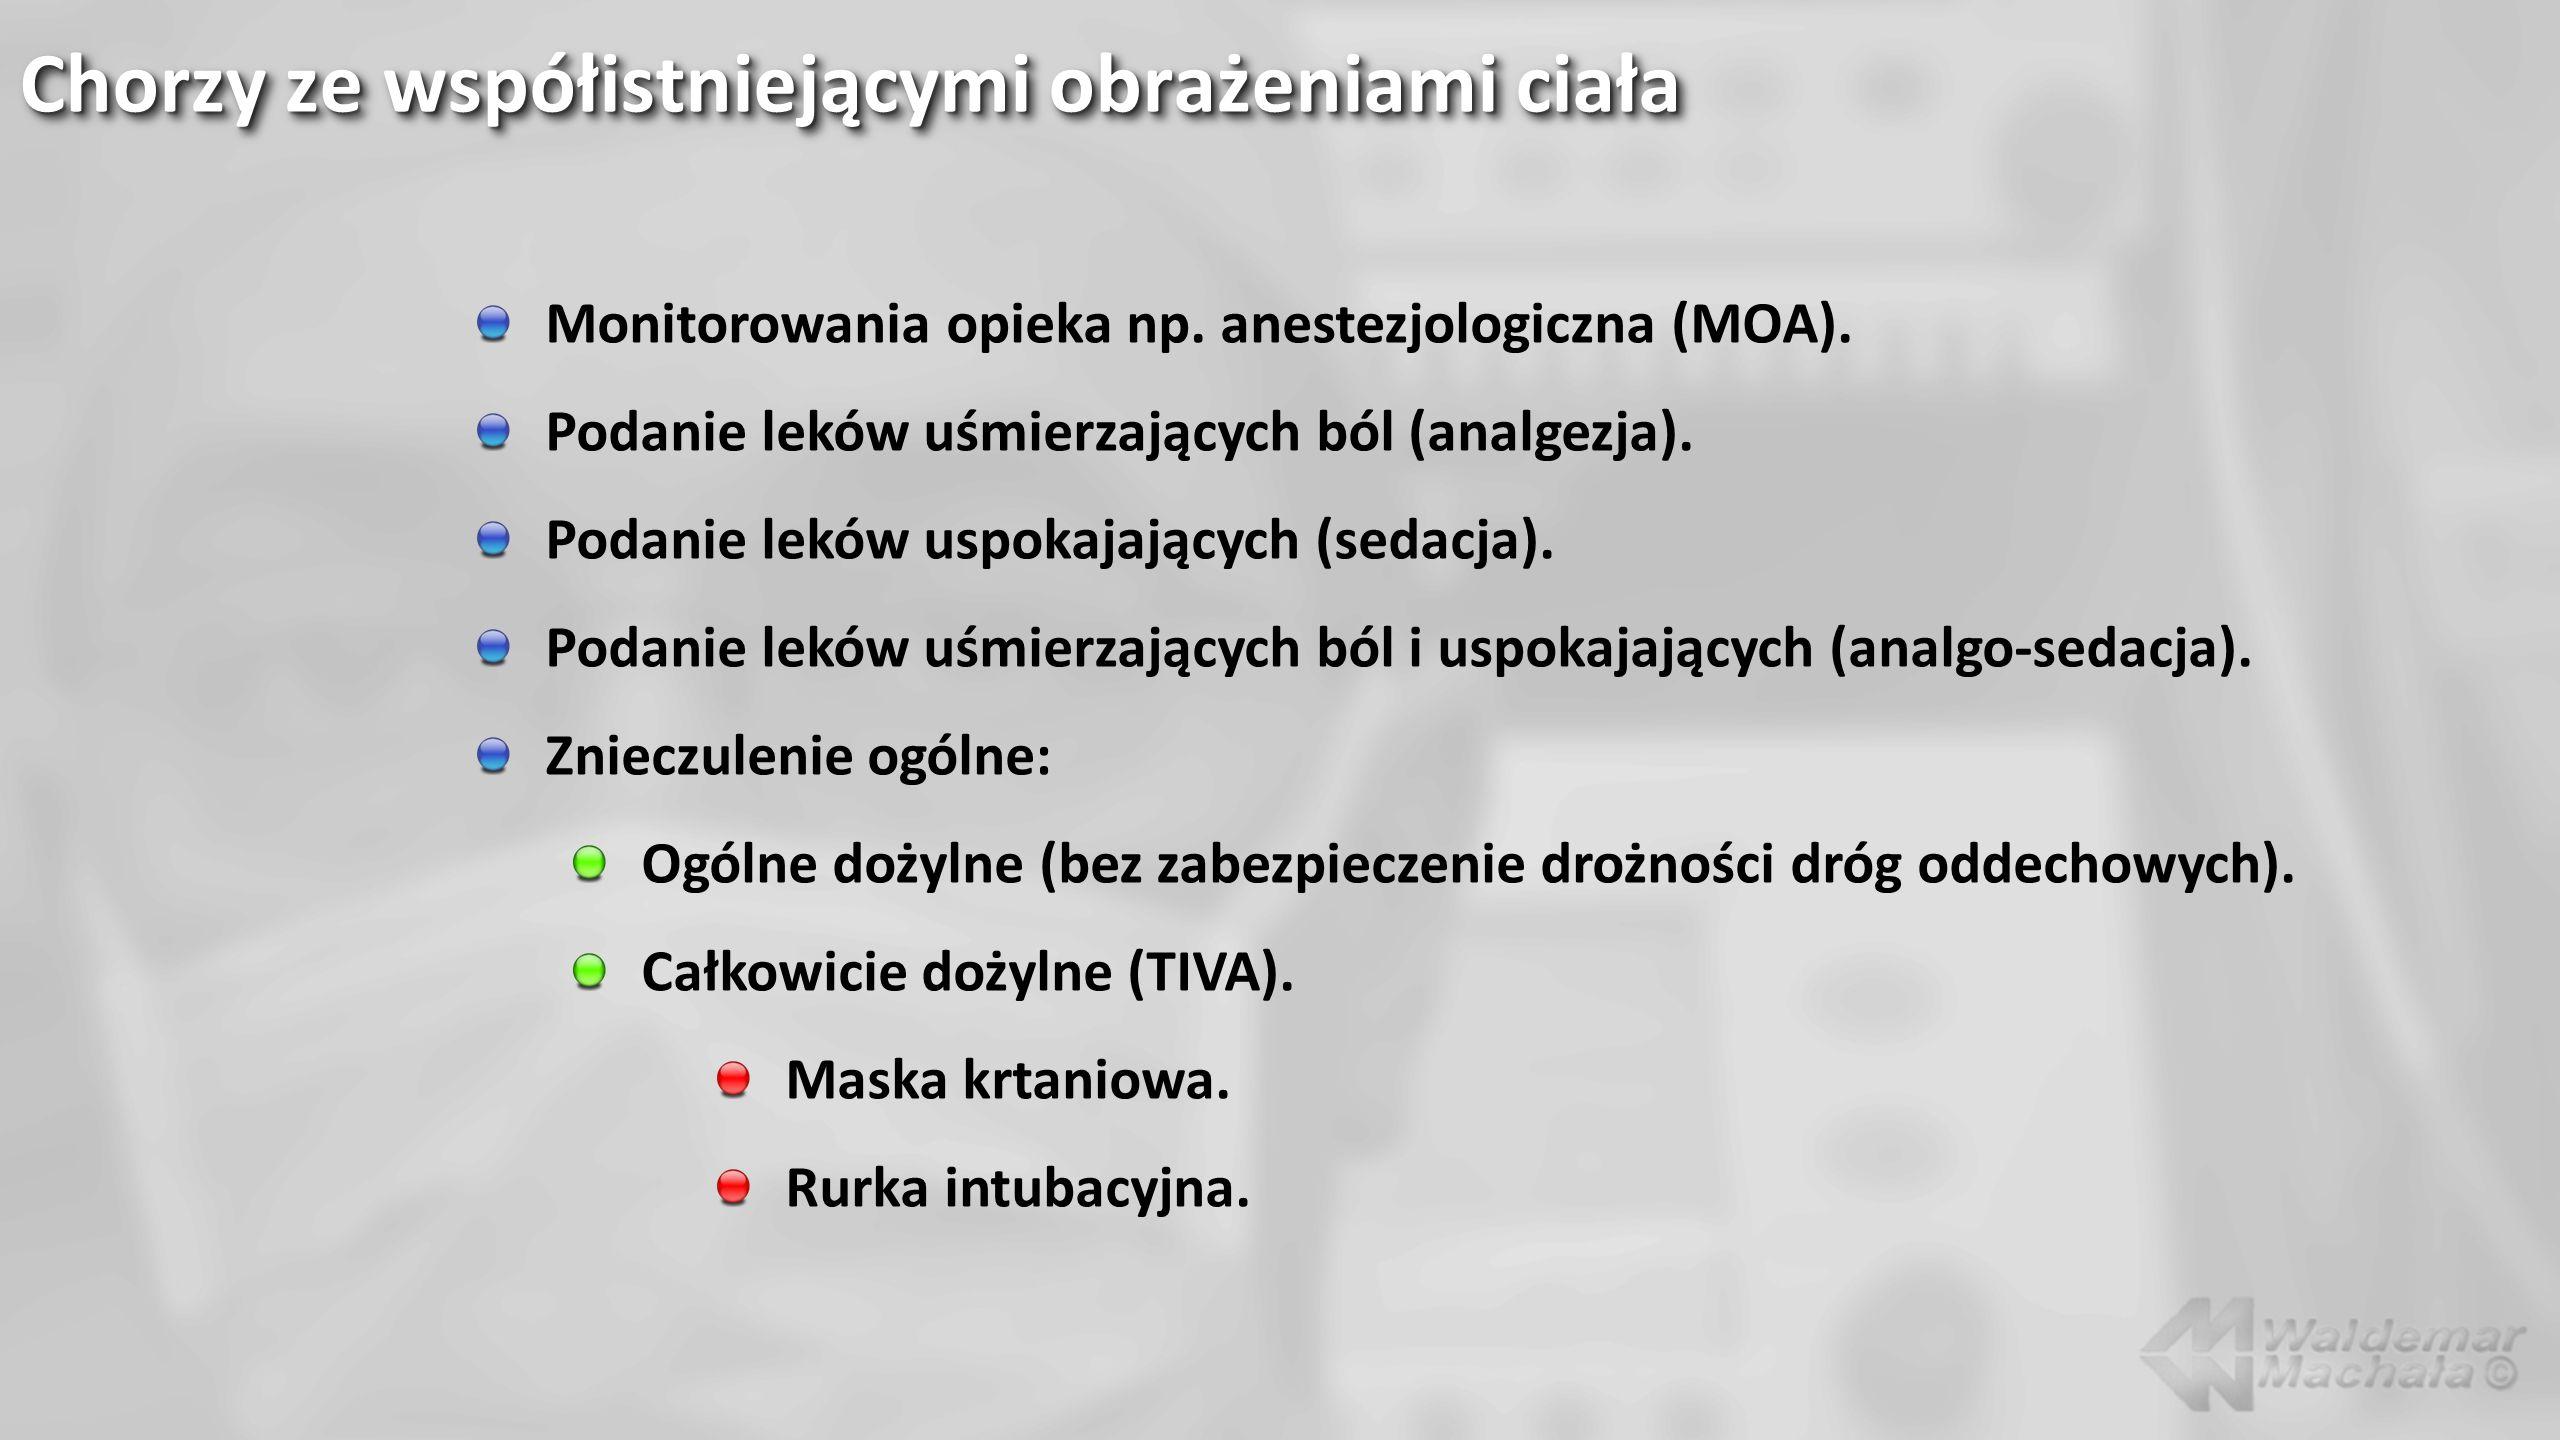 Uśmierzanie bólu opioidowe leki przeciwbólowe ZAWSZE PAMIĘTAJ o możliwości wystąpienia depresji oddechowej (klątwa Ondyny): Zwolnienie częstości oddechów.